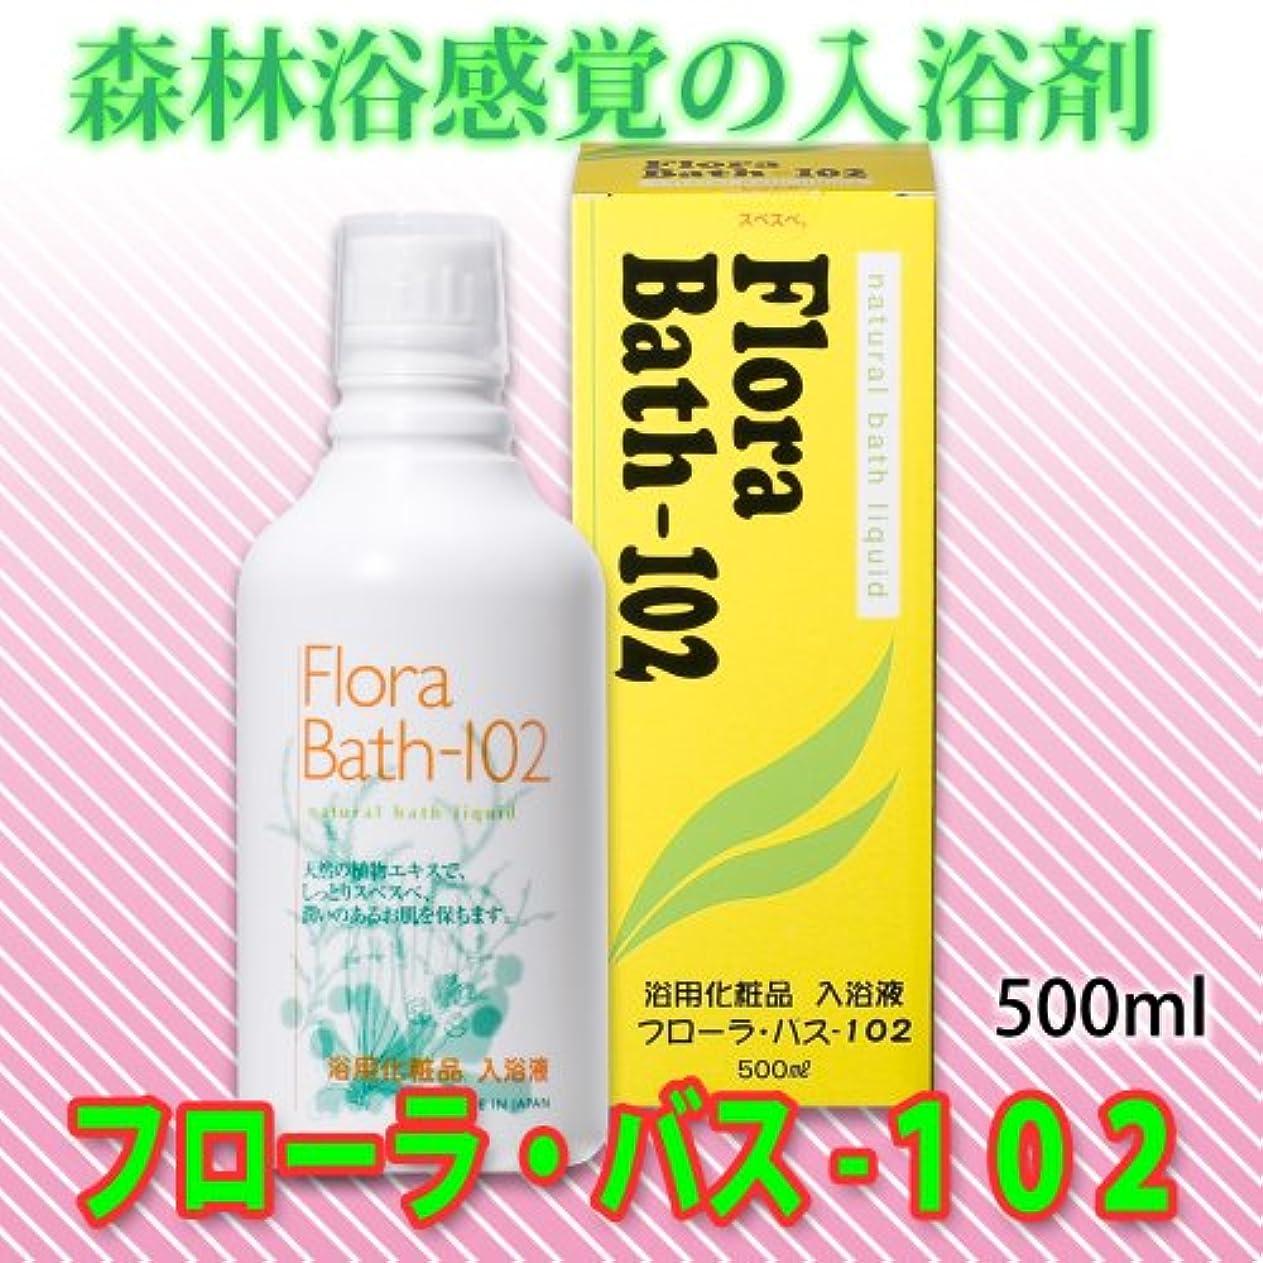 スカルク葉ブレンドフローラ 植物エキス保湿入浴液(無香料) フローラ?バス-102  500ml